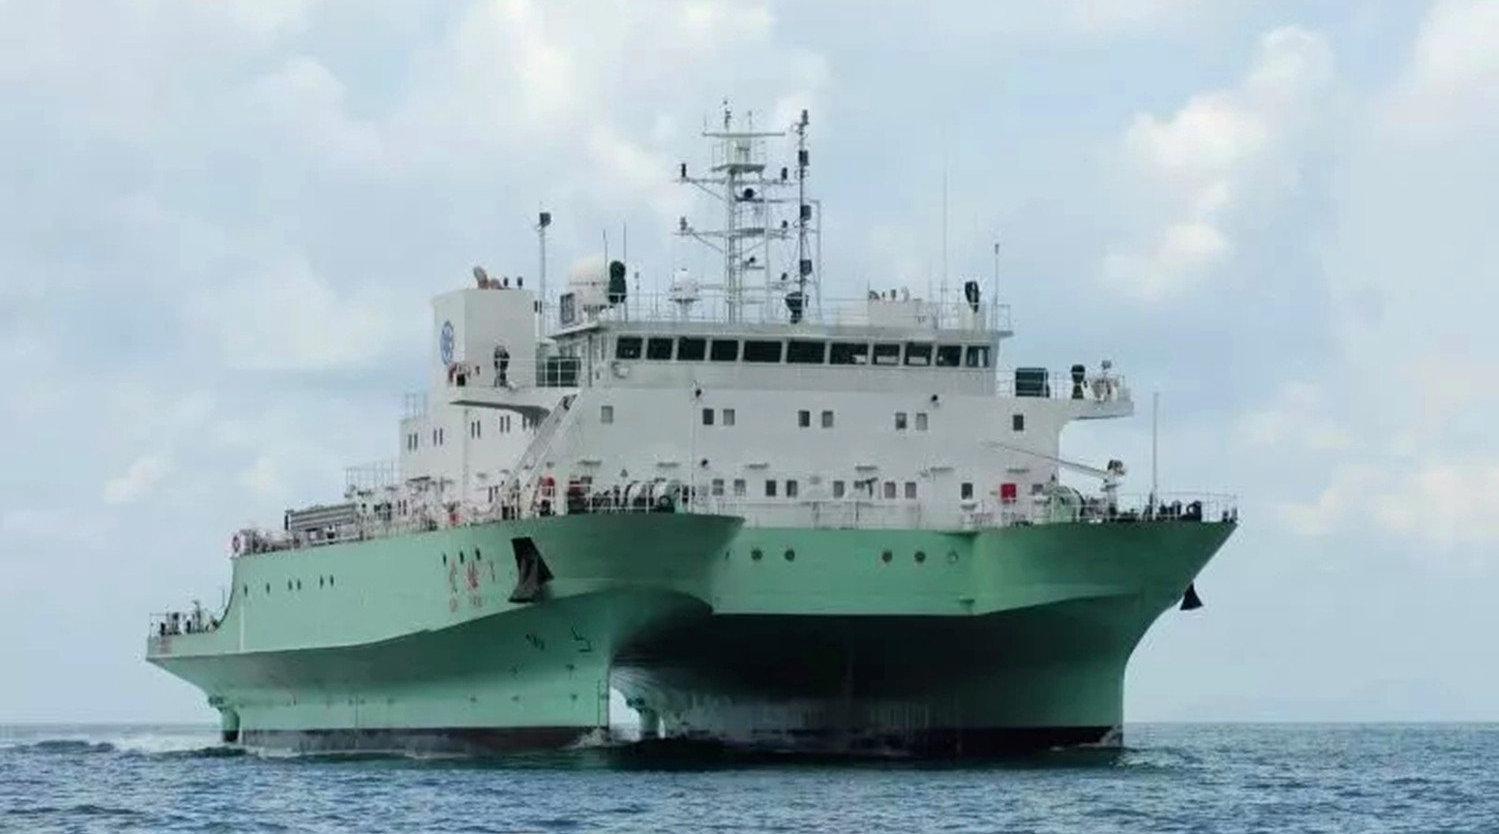 """中国船只海洋作业时遭印度无理驱离,还被指责:搞""""间谍活动""""!"""